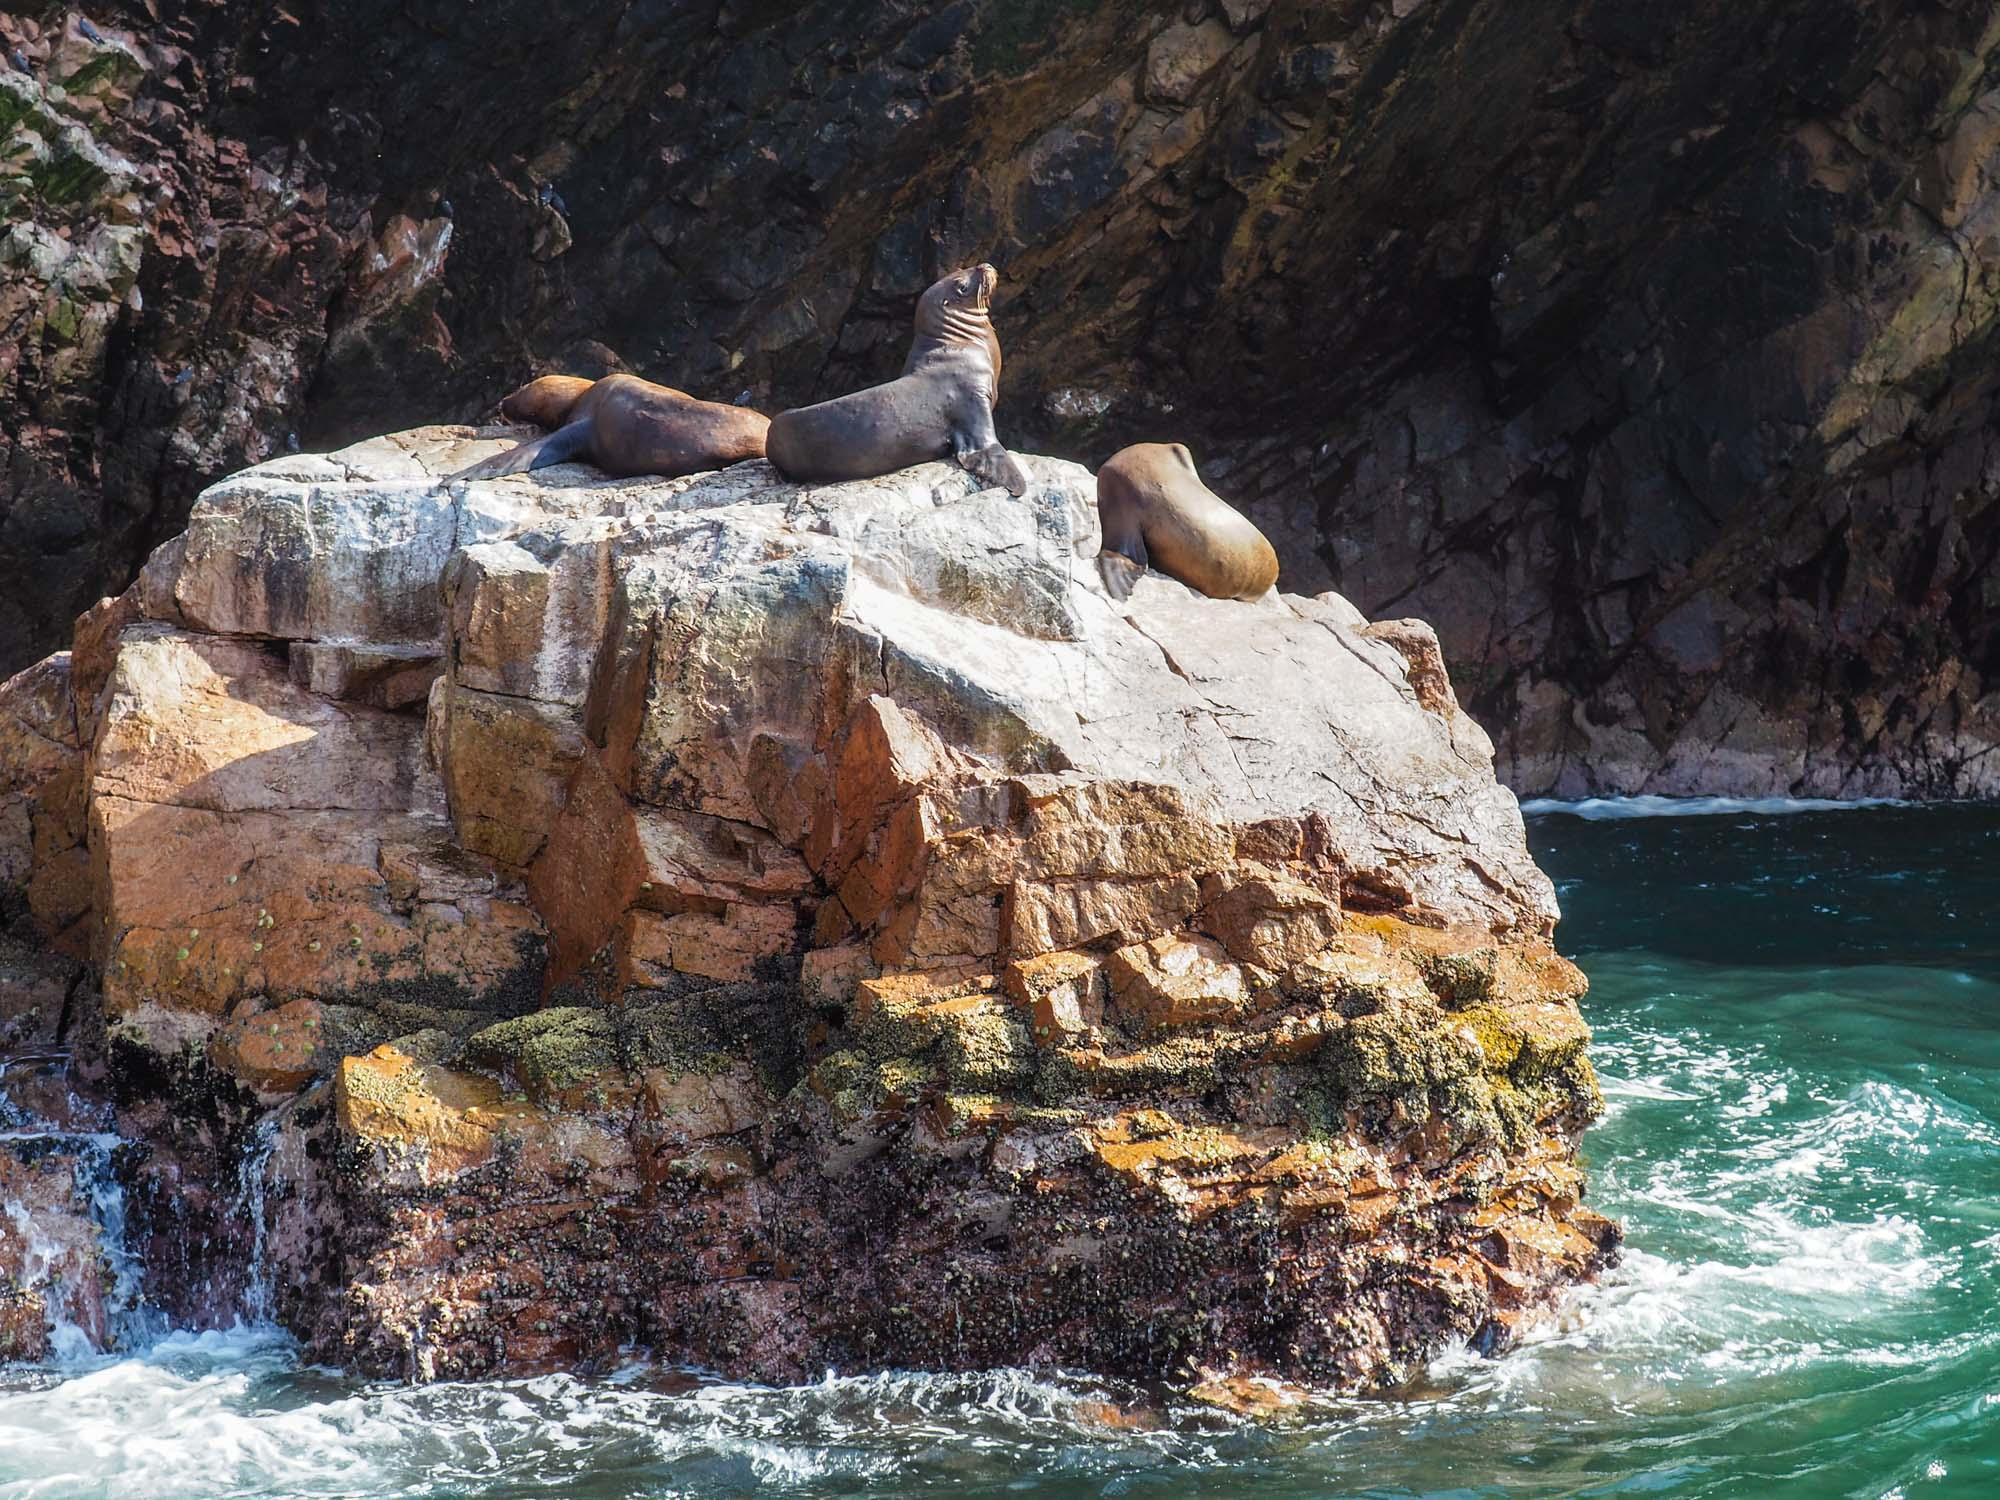 islas ballestas sea lions